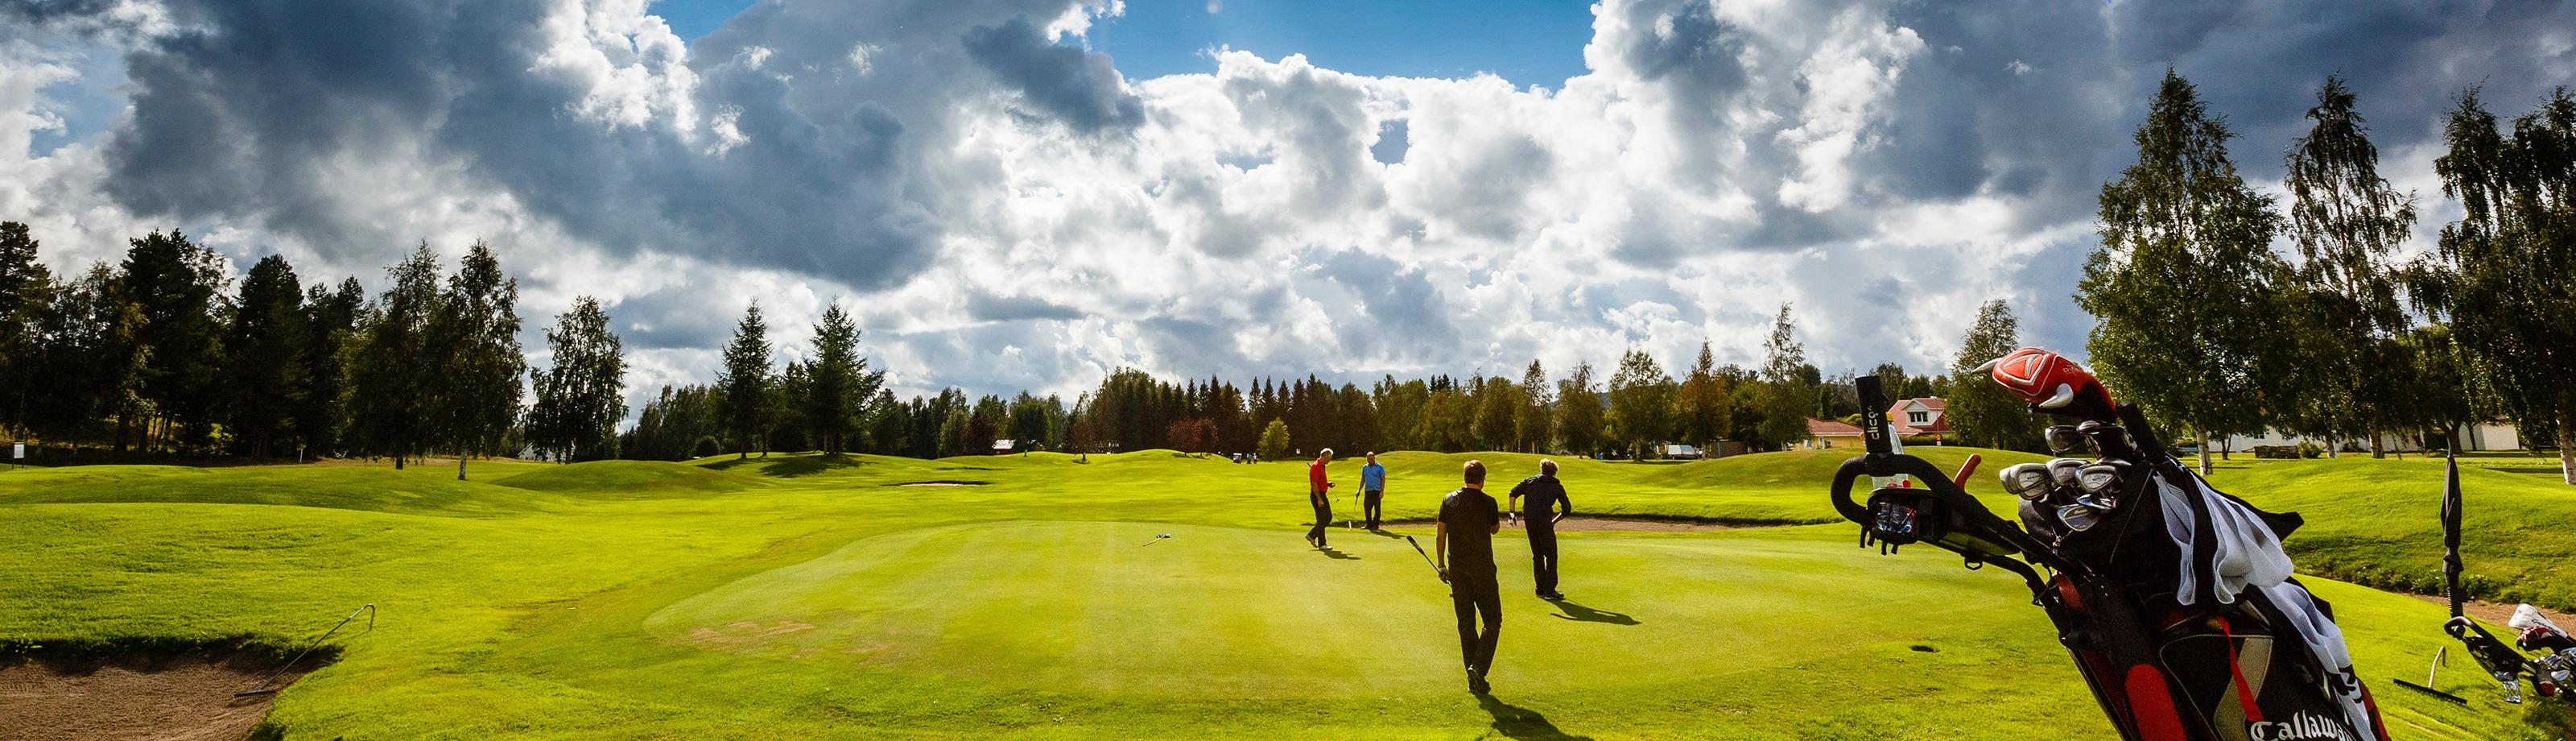 Golfbanan i Sävast